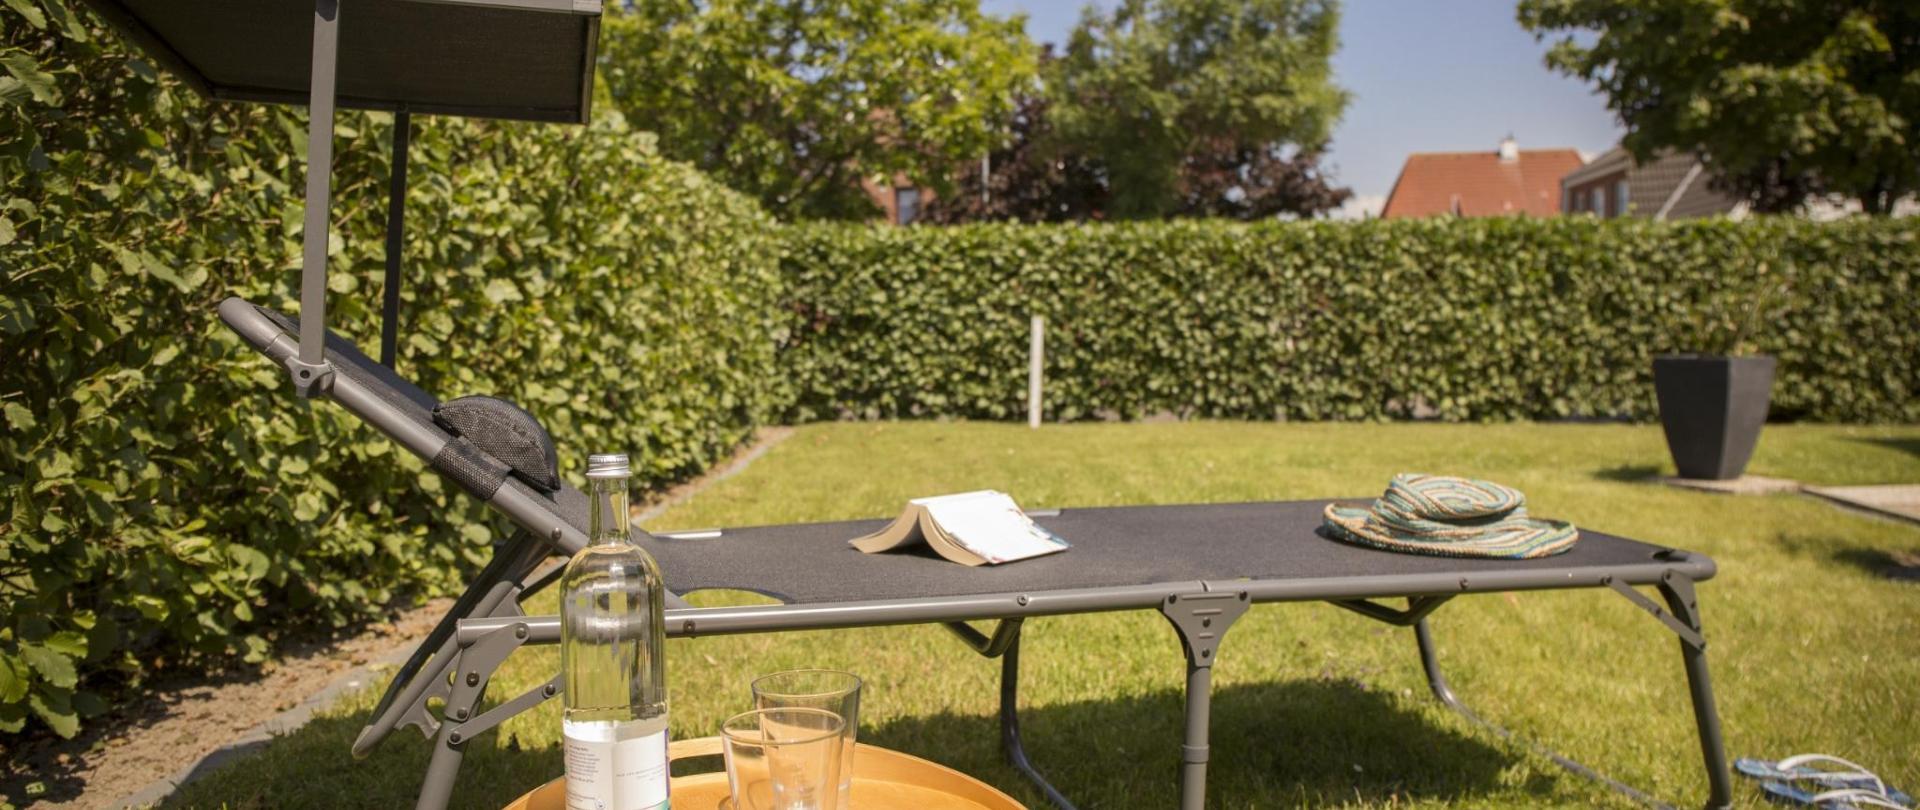 EG Terrasse Garten Liege.jpg